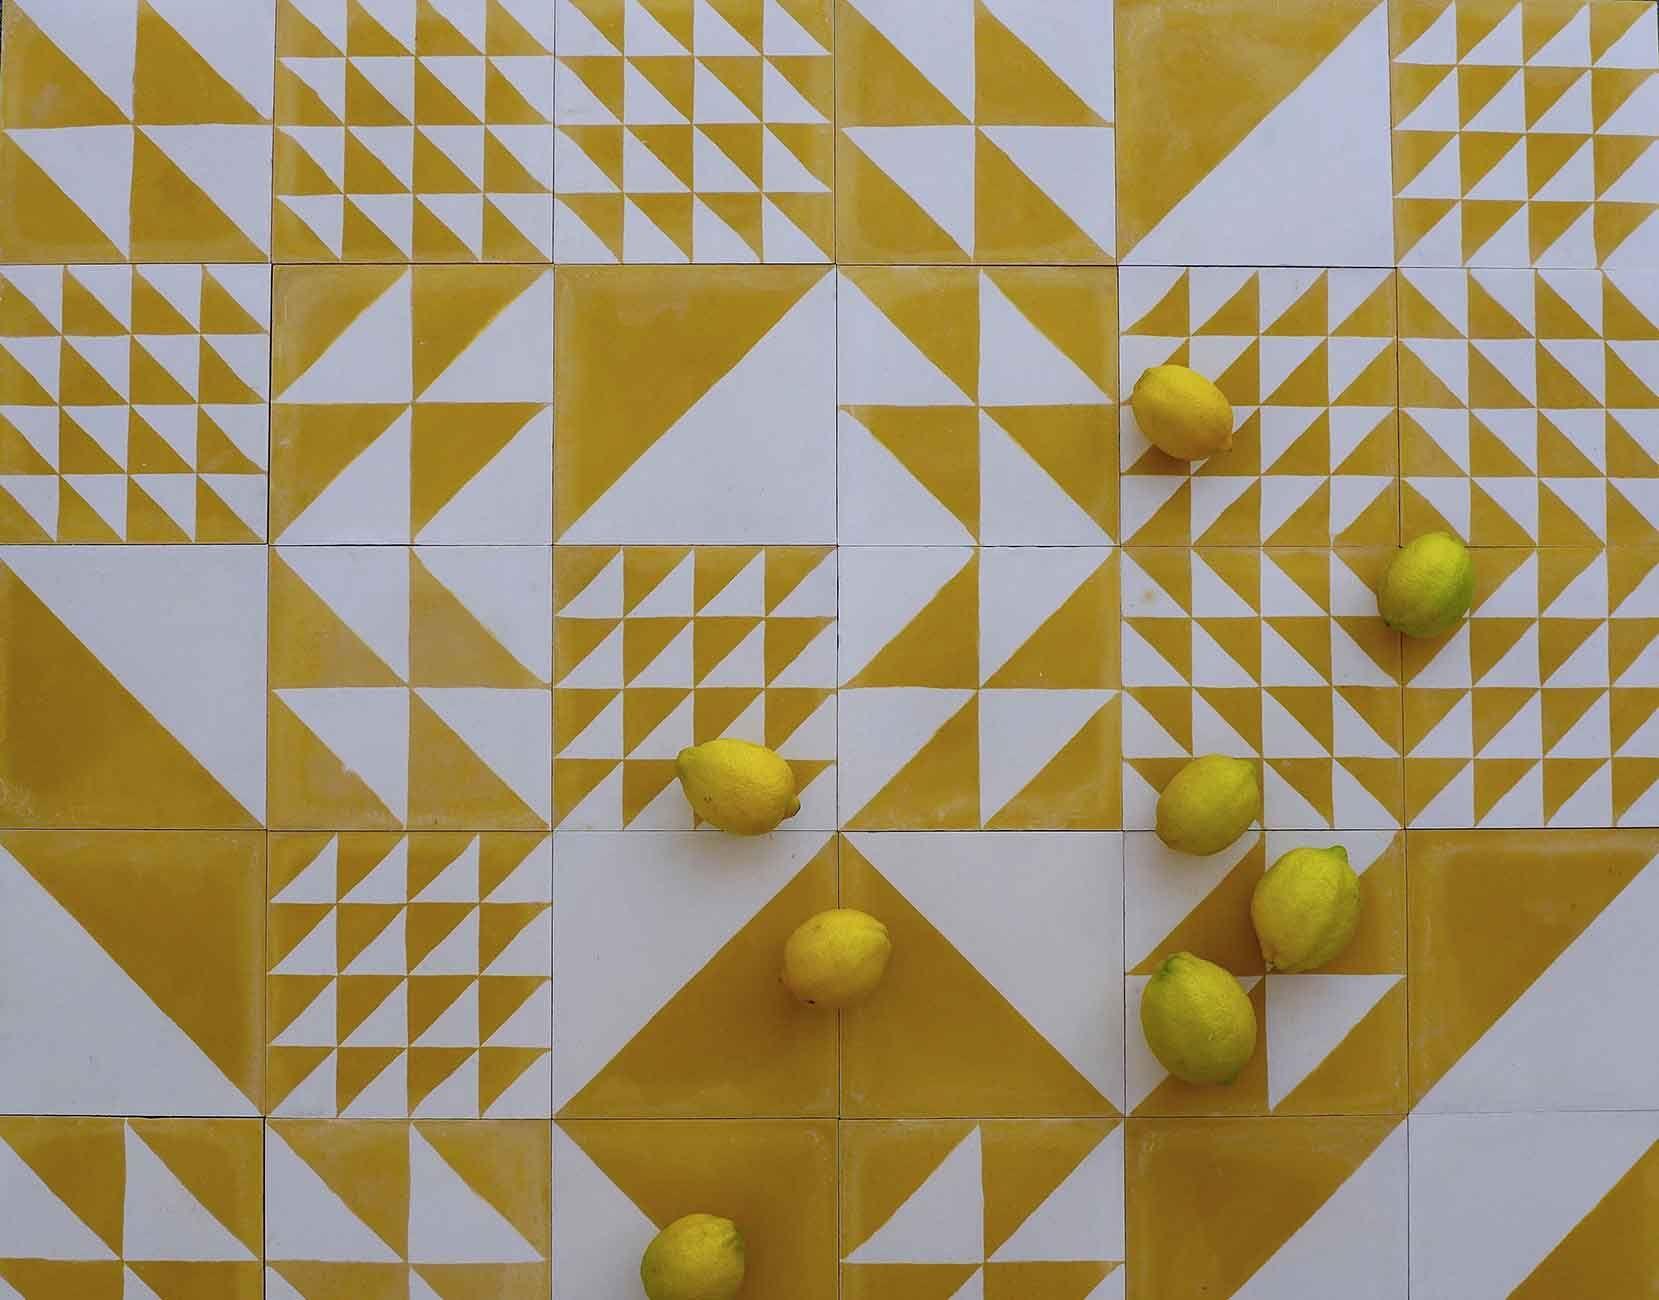 Best Pop Ham Design Concrete Graphic Tiles Geometric Tiles 400 x 300